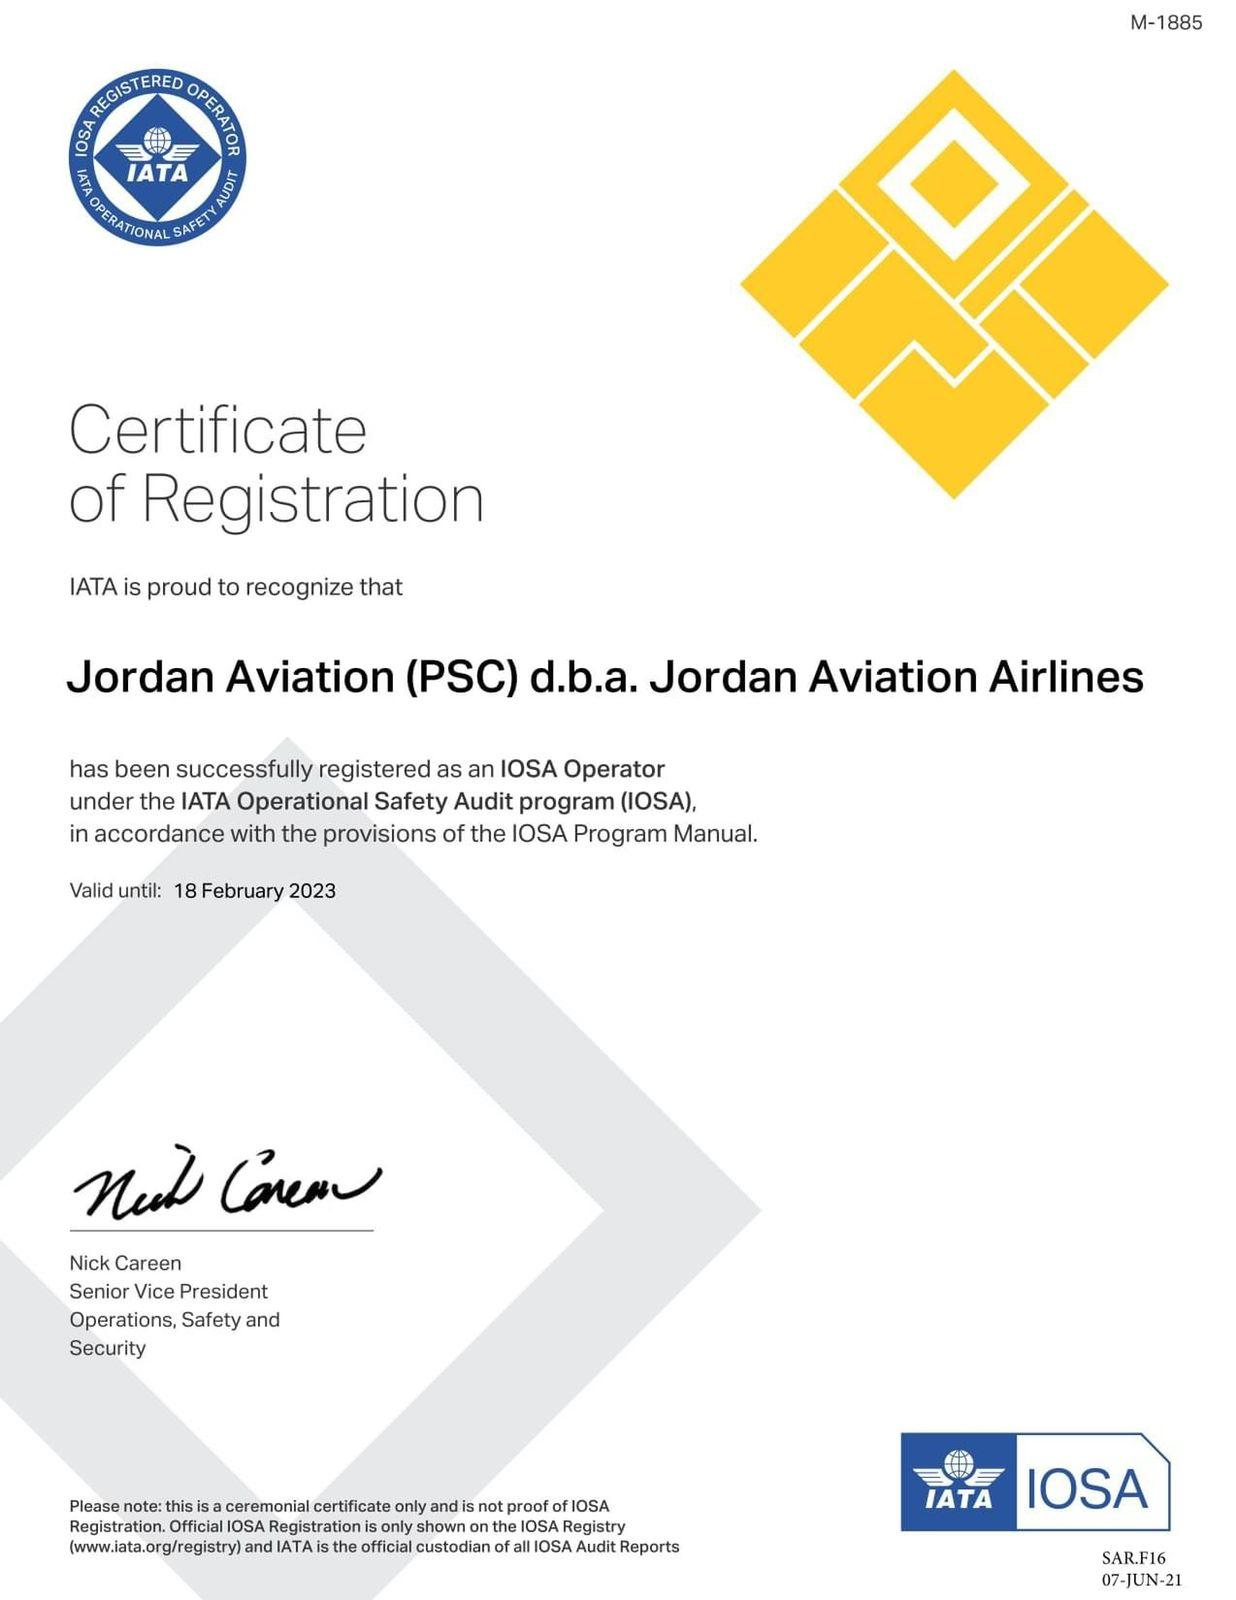 الأردنية للطيران تحصل على شهادة برنامج الأيوسا للمرة الثامنة